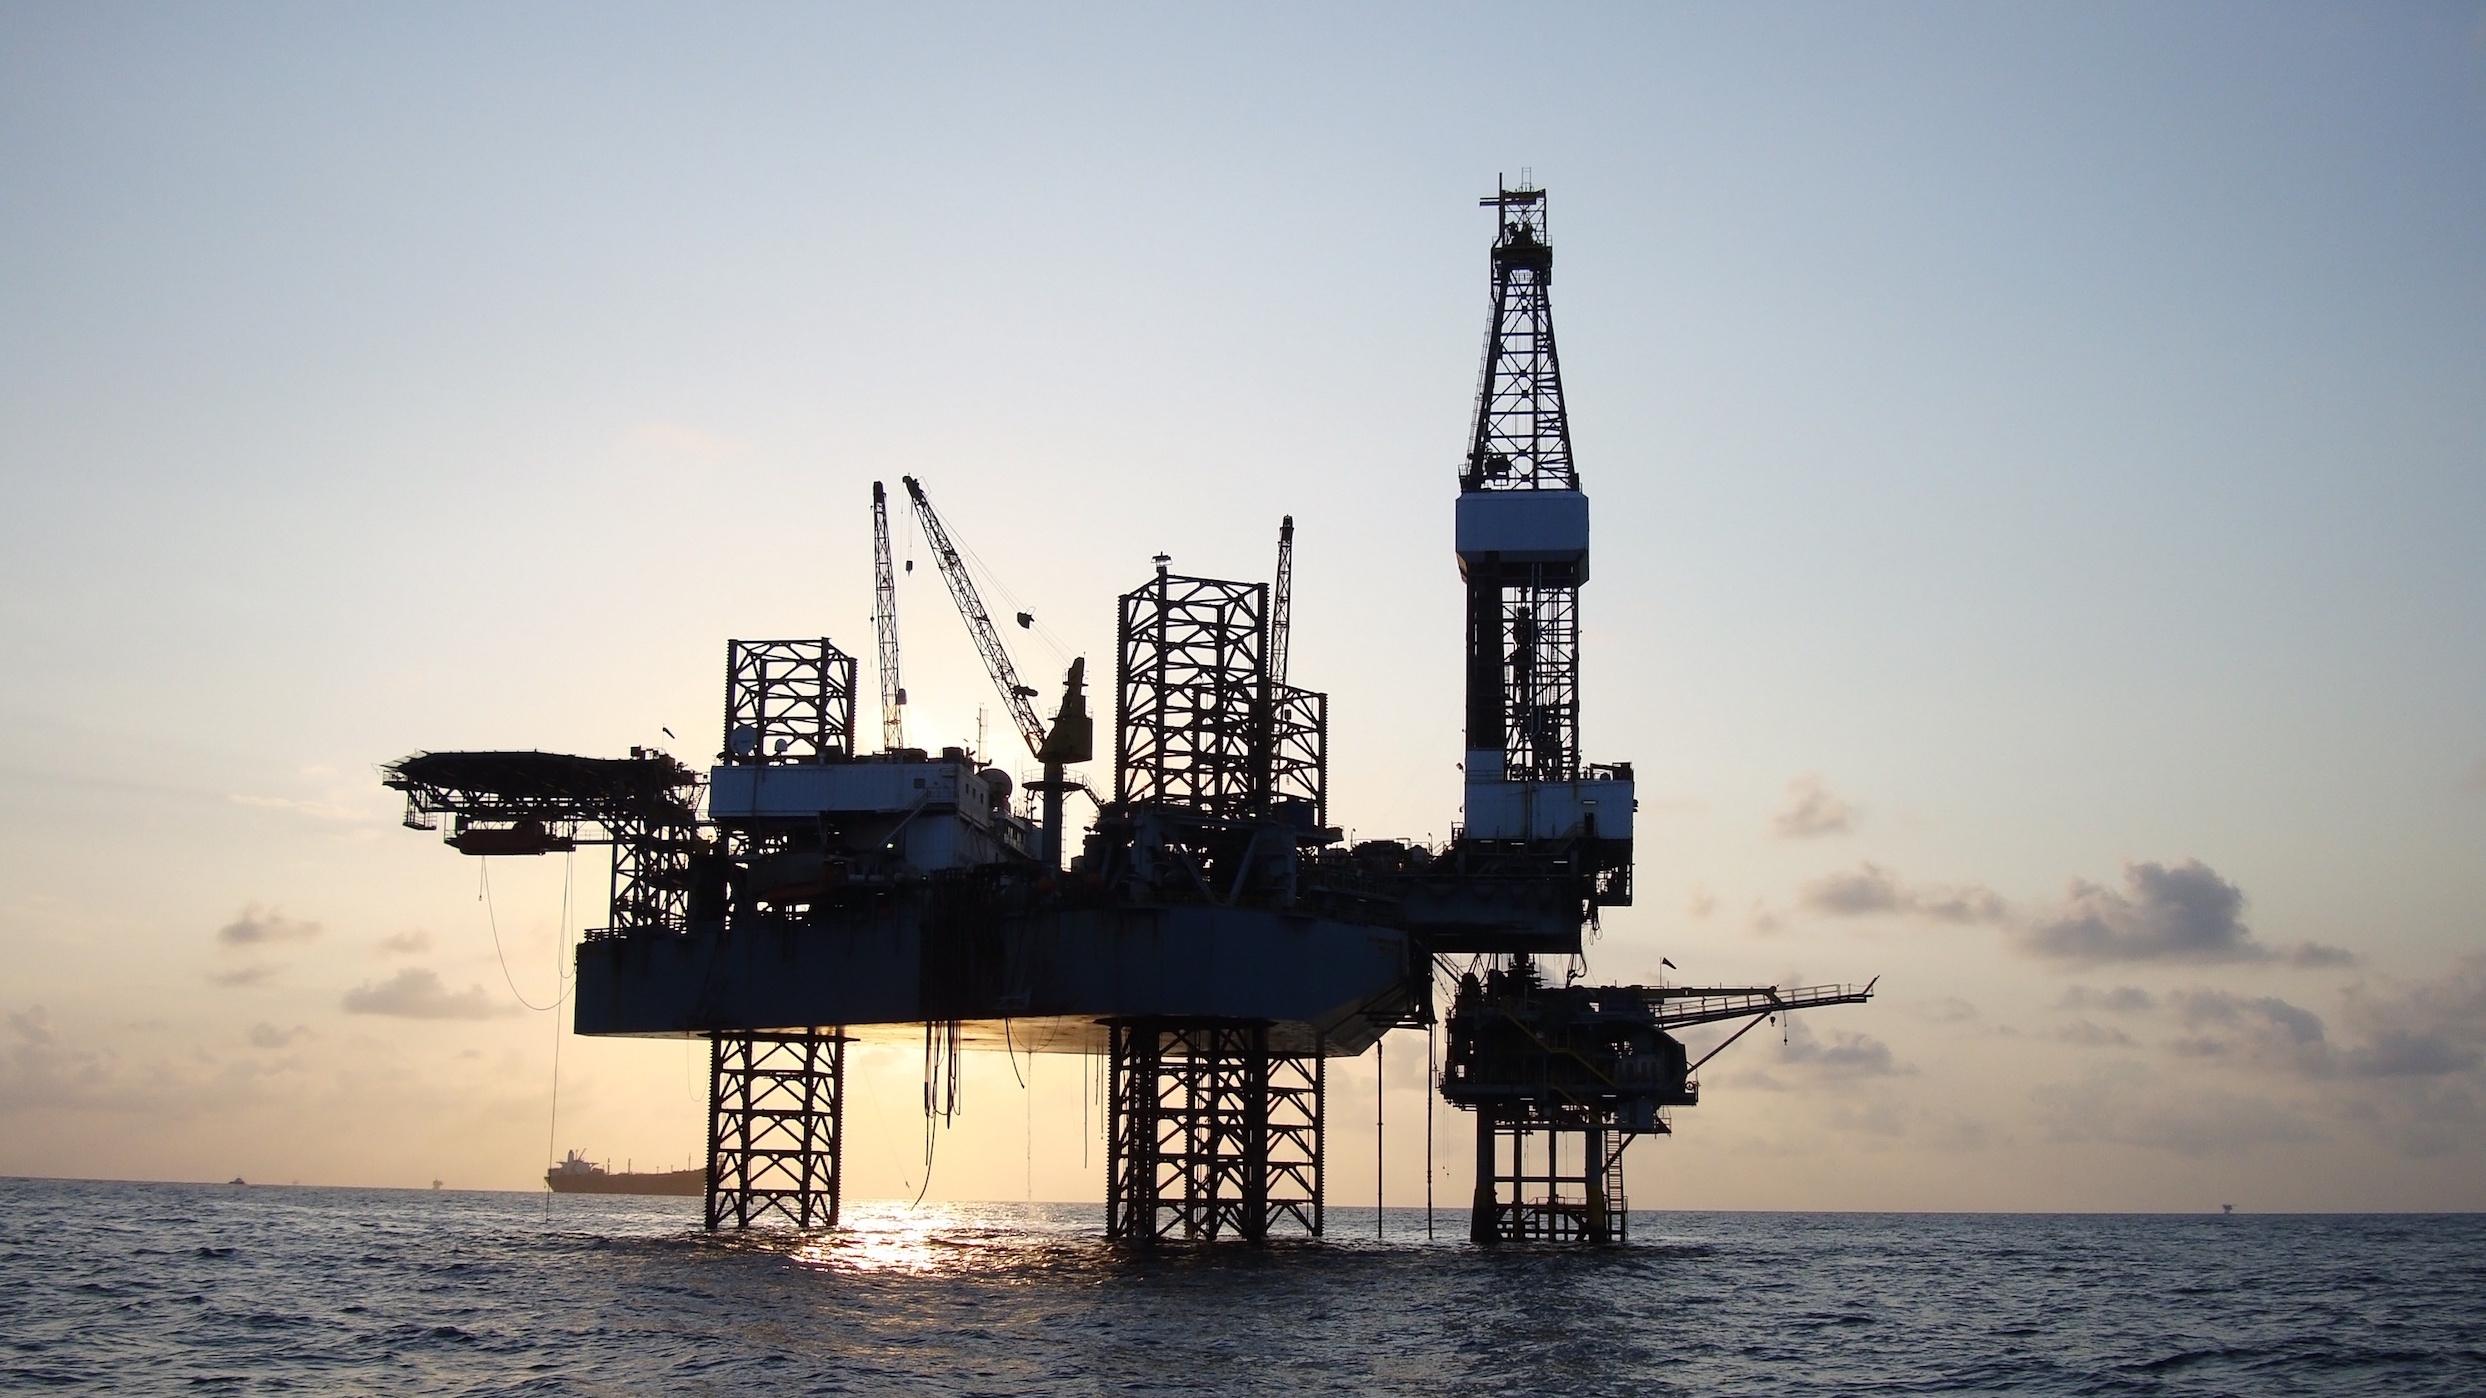 石油と天然ガス中の特許